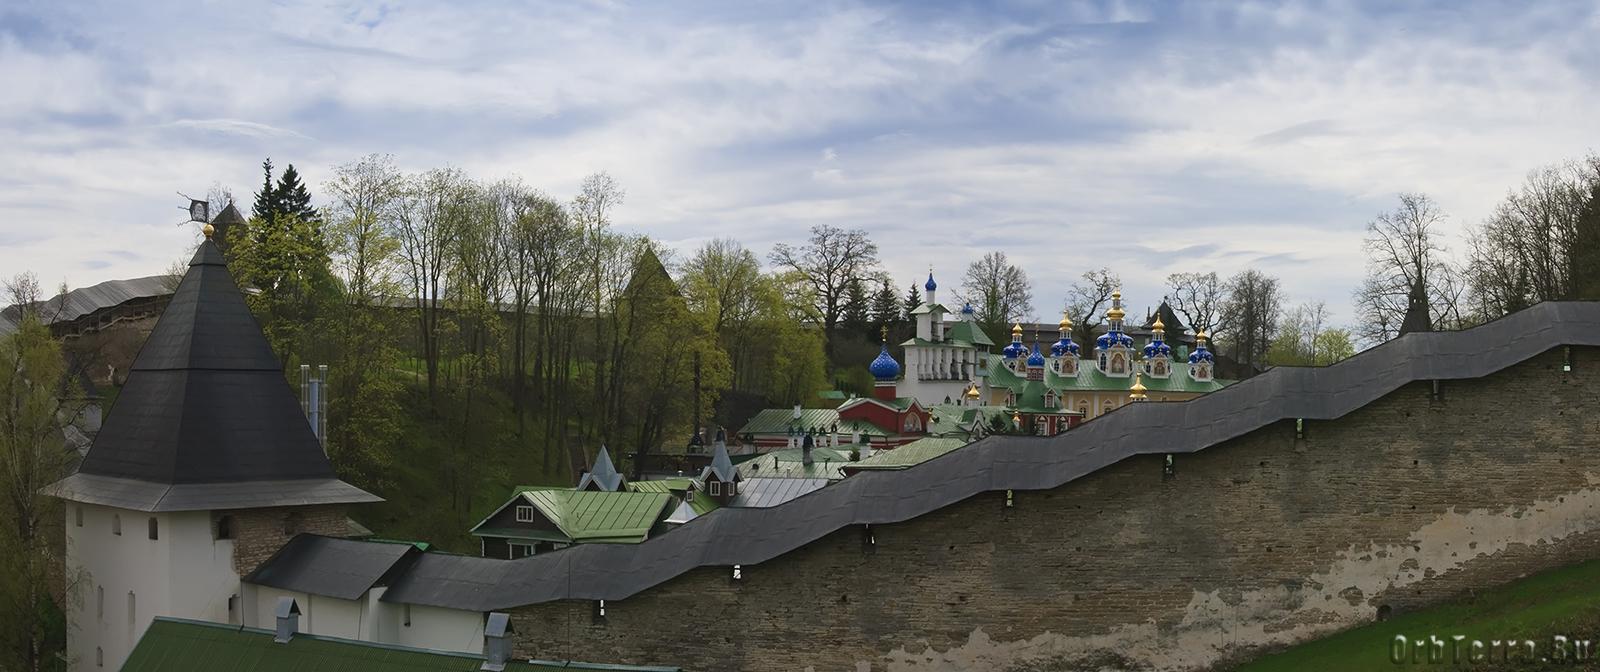 Свято-Успенский Псково-Печерский монастырь XV в.